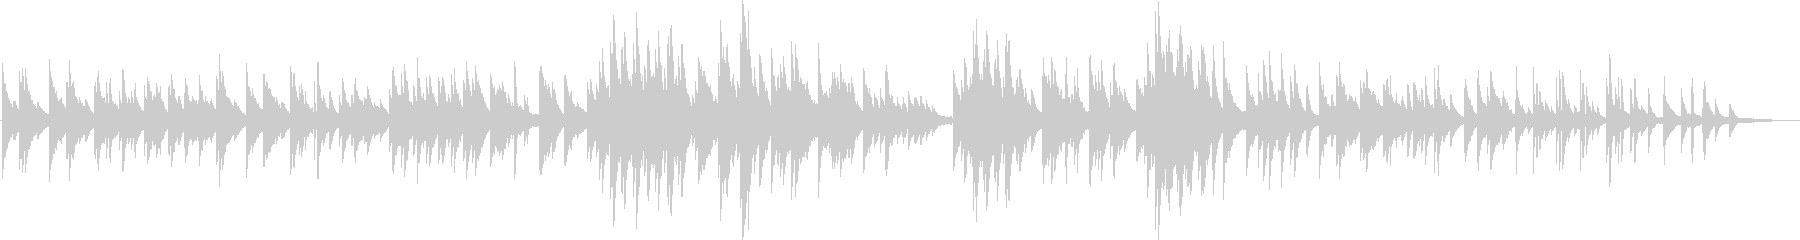 穏やかな印象のソロピアノのバラードですの未再生の波形